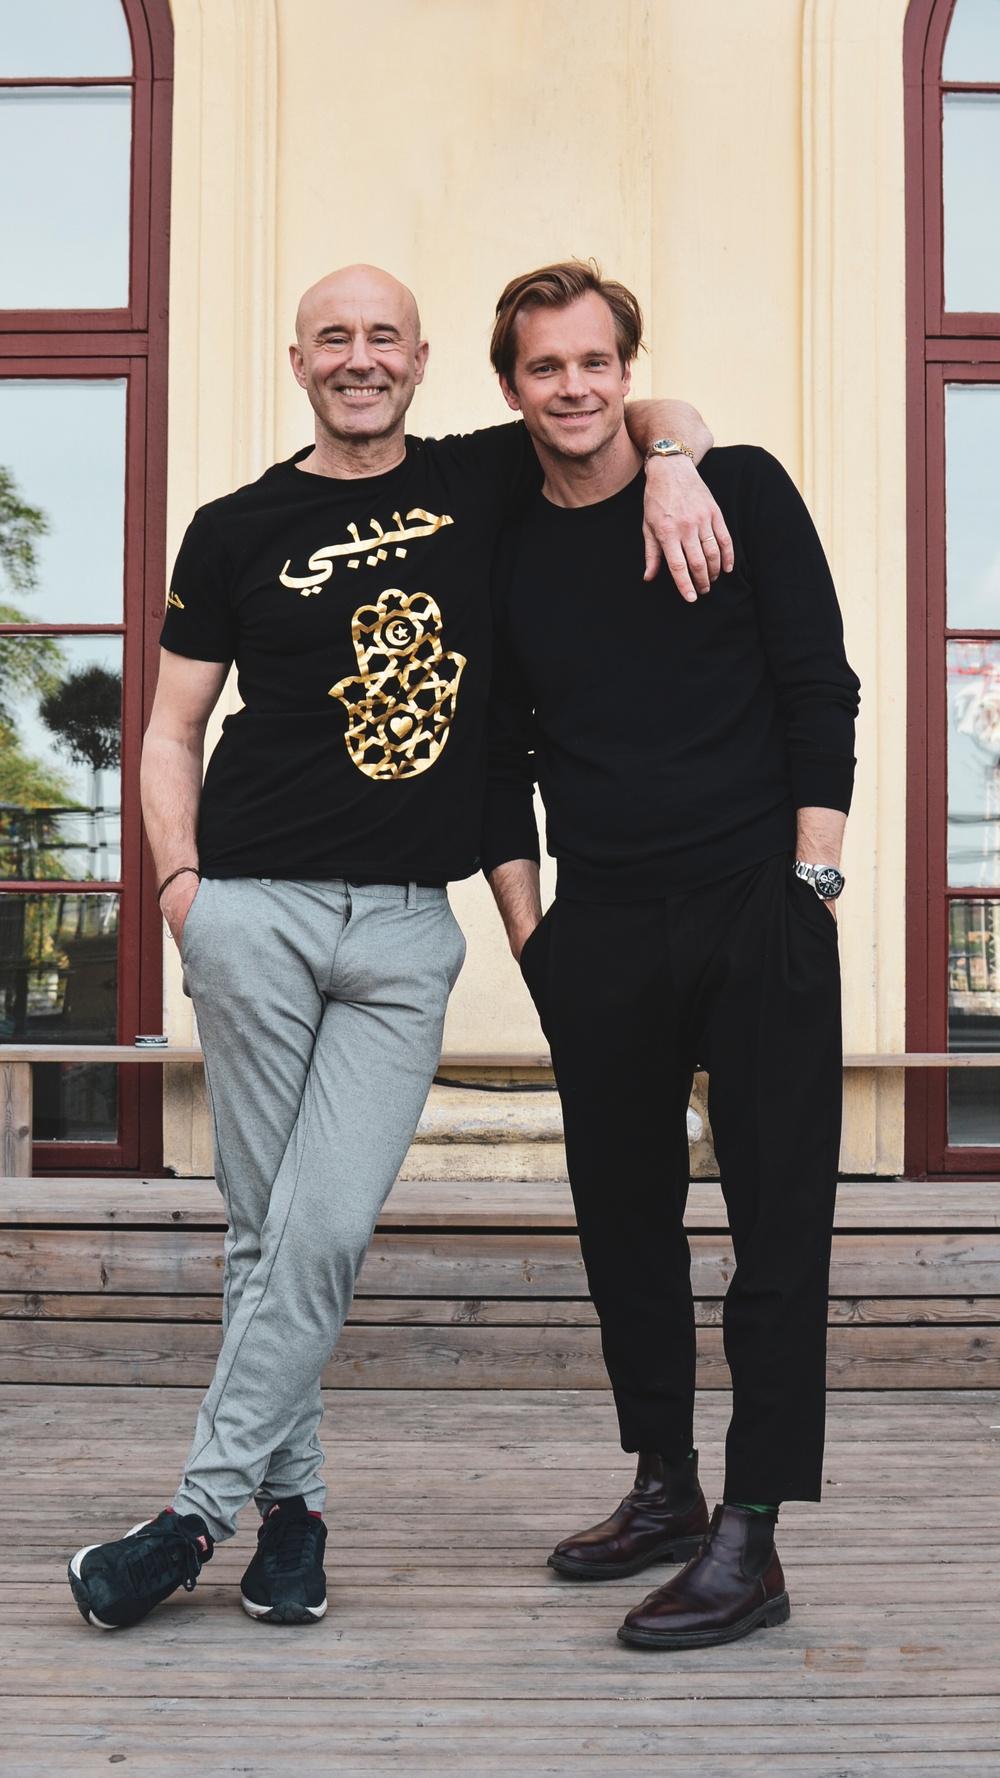 13/8 HENRIK JOHNSSON & MARK LEVENGOOD Sommar 2019 i Champagnebaren, Södra Teatern Foto: Karin Bernhardsson